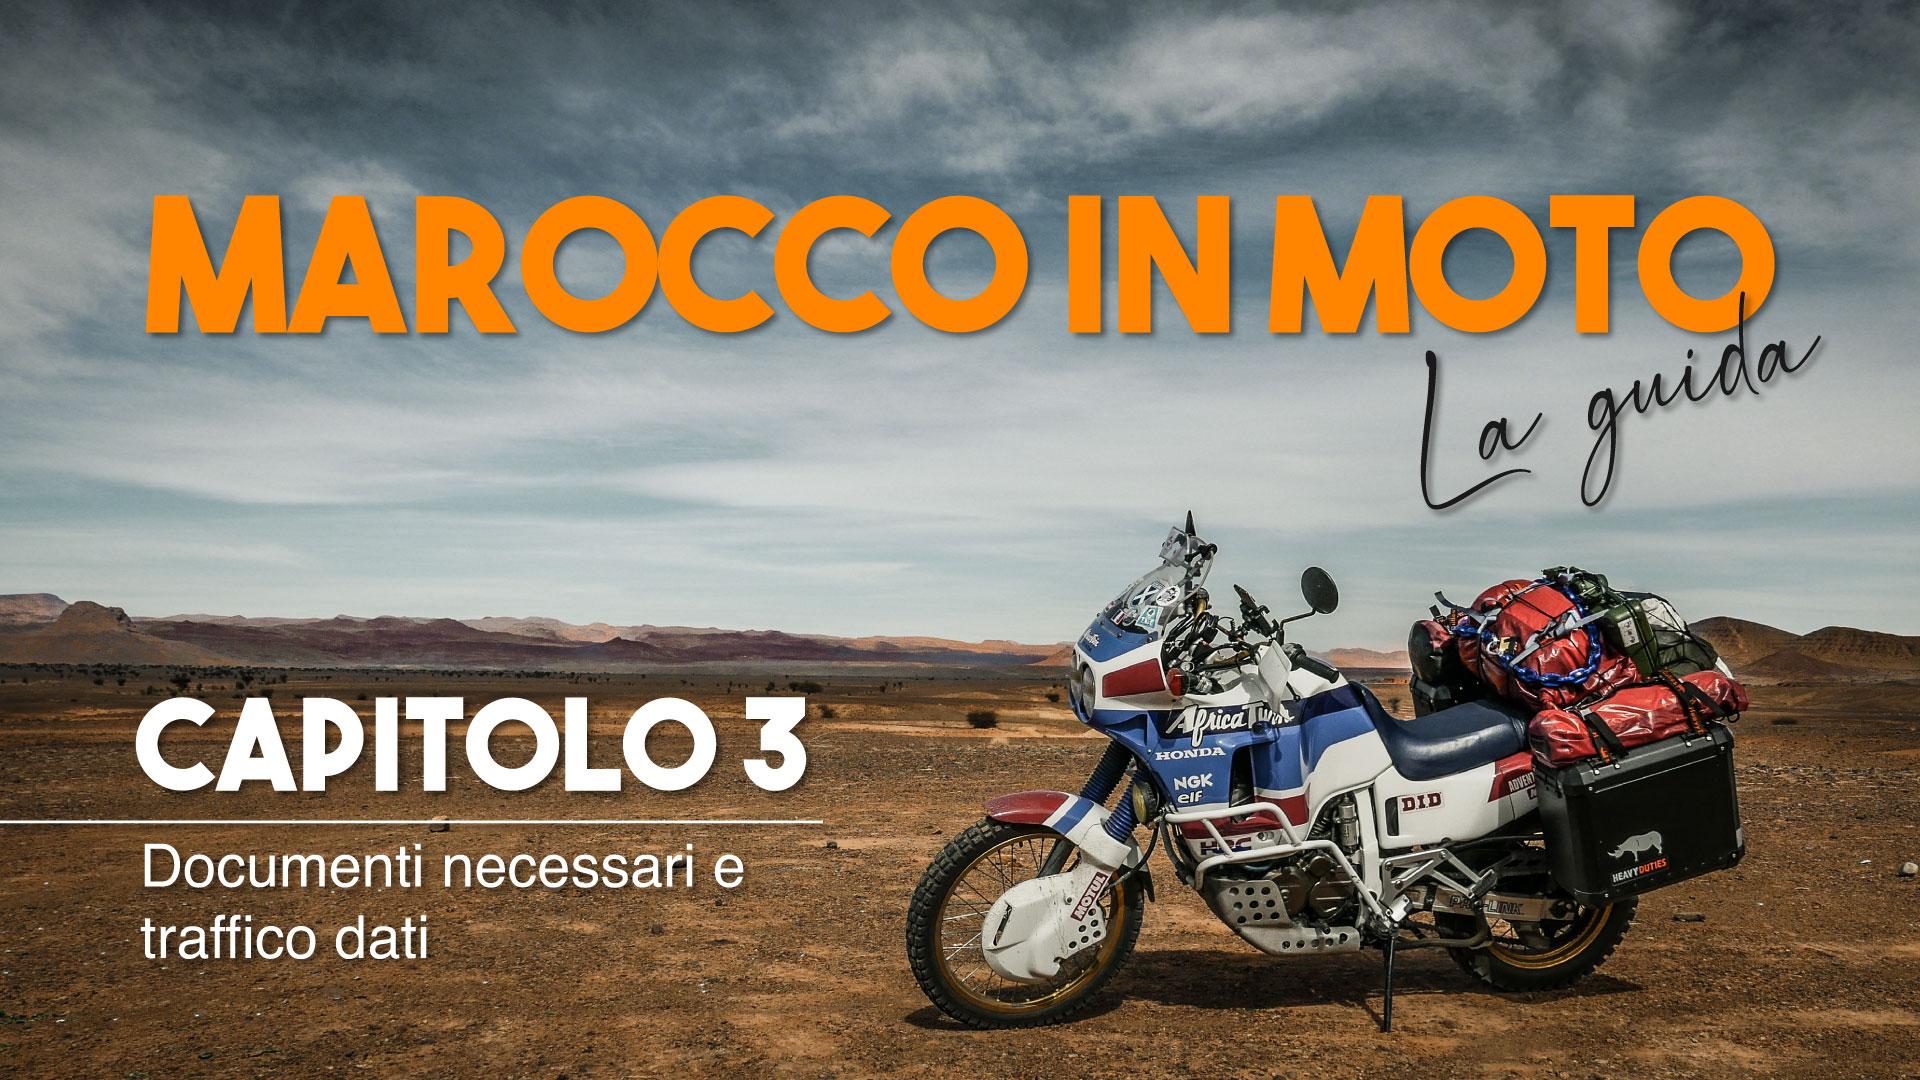 marocco-in-moto-capitolo-3